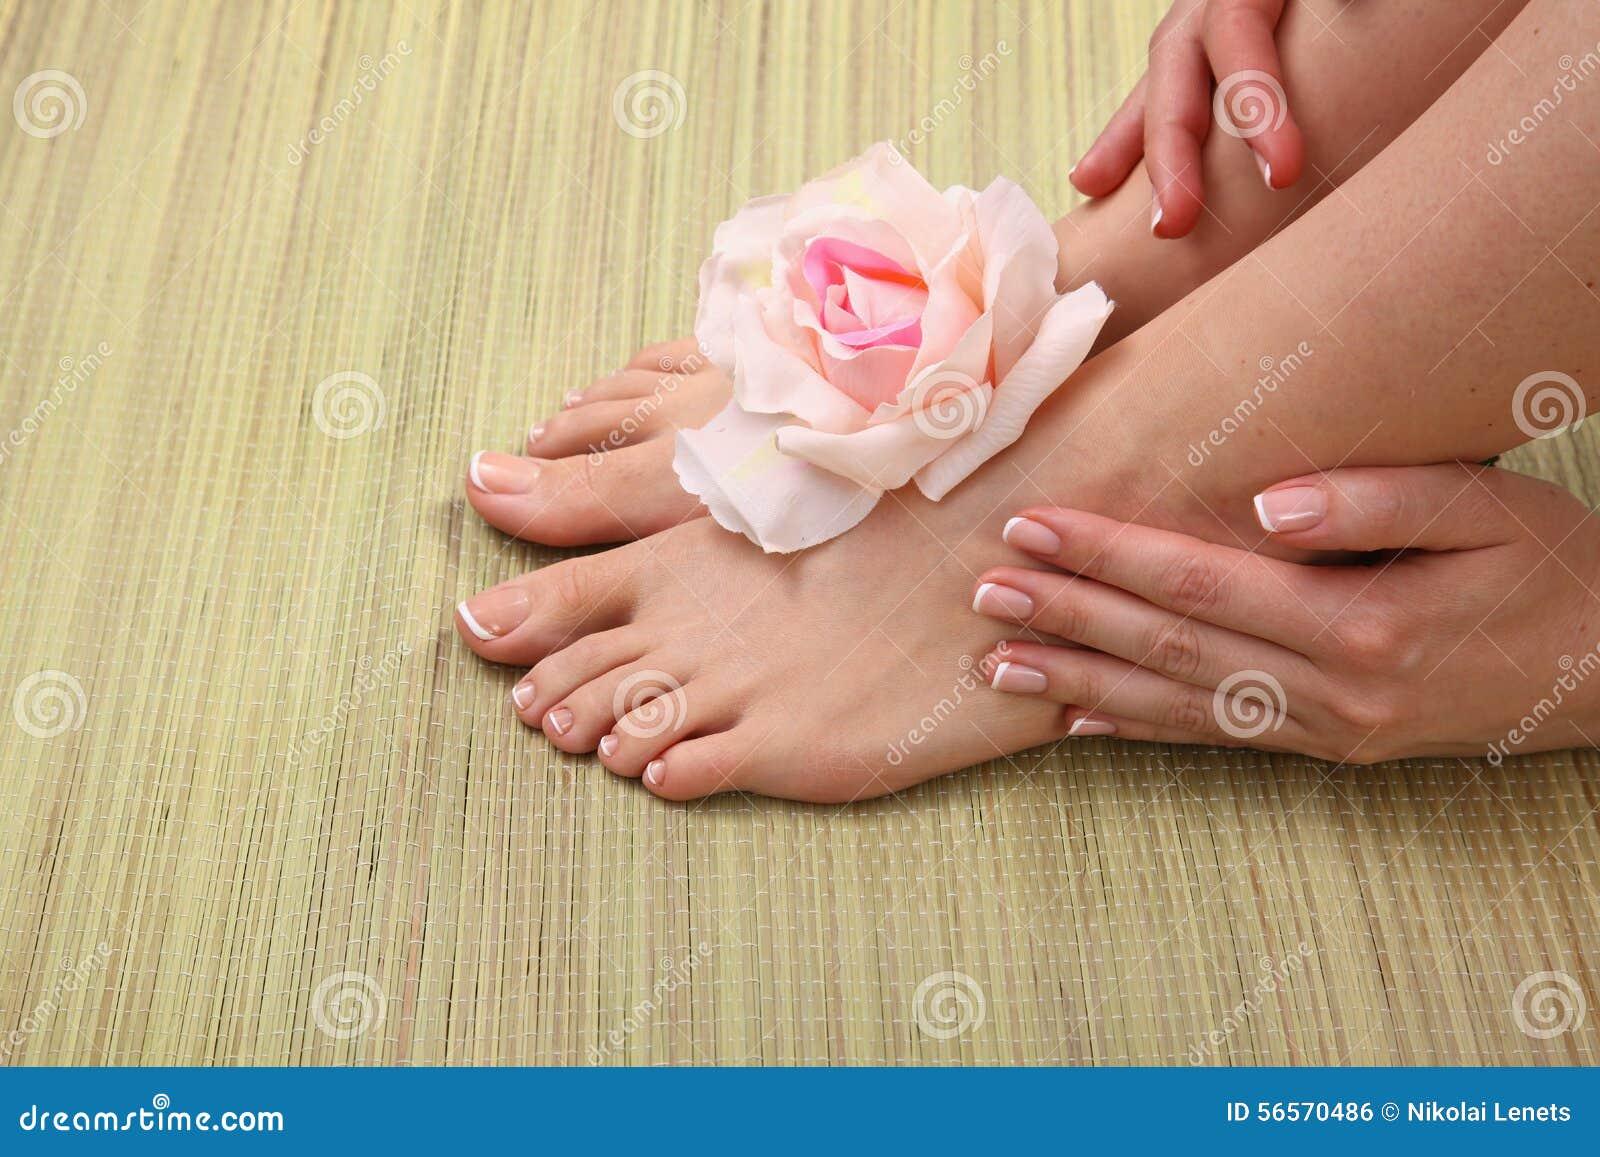 Όμορφα πόδια με το τέλειο γαλλικό καρφί SPA